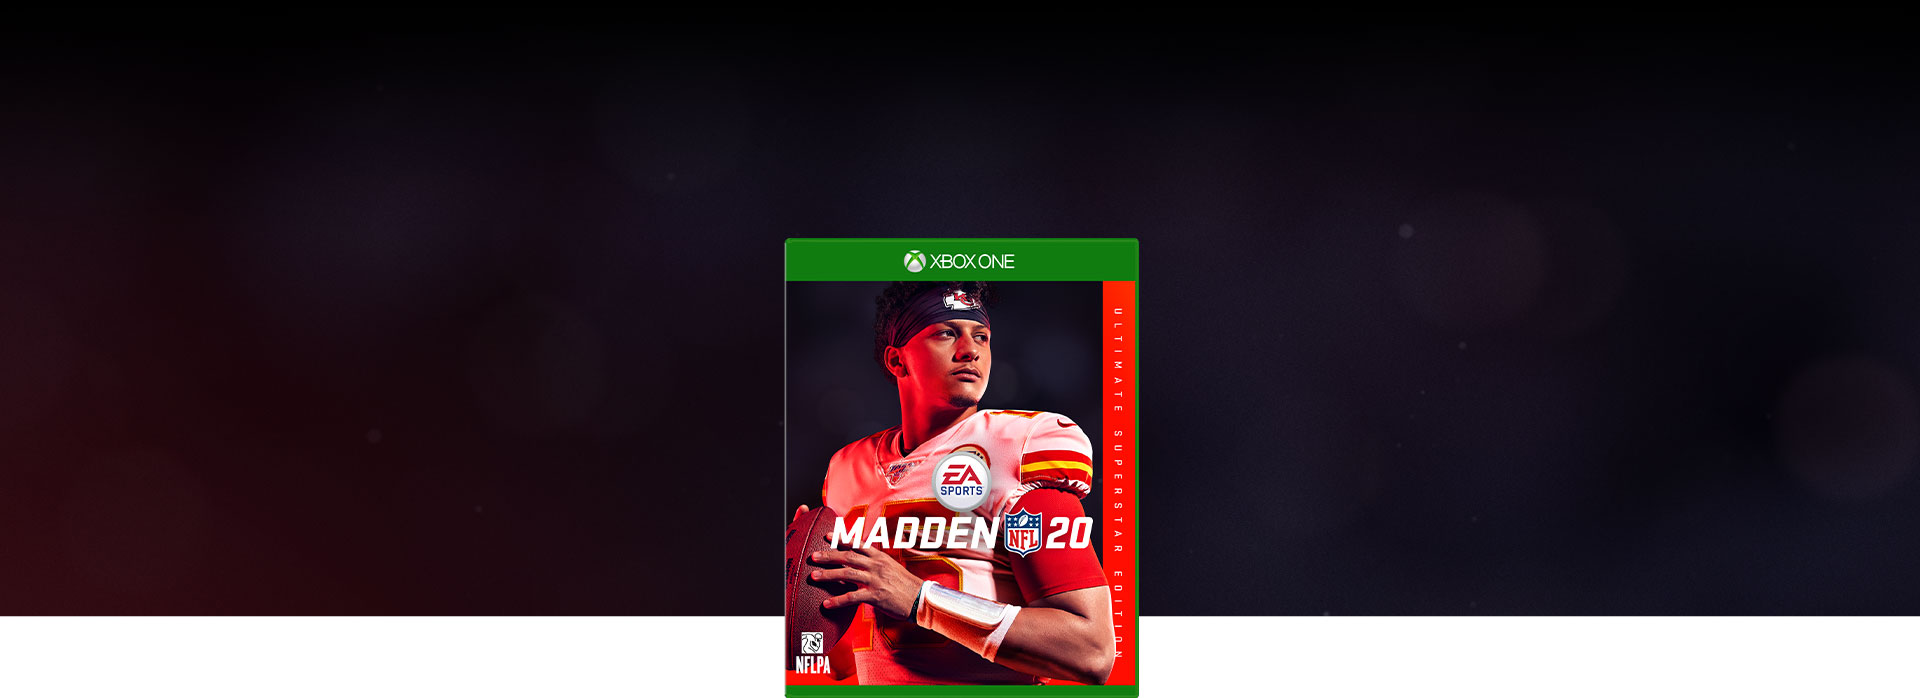 Immagine della confezione di Madden NFL 20 su uno sfondo nero che sfuma verso il rosso